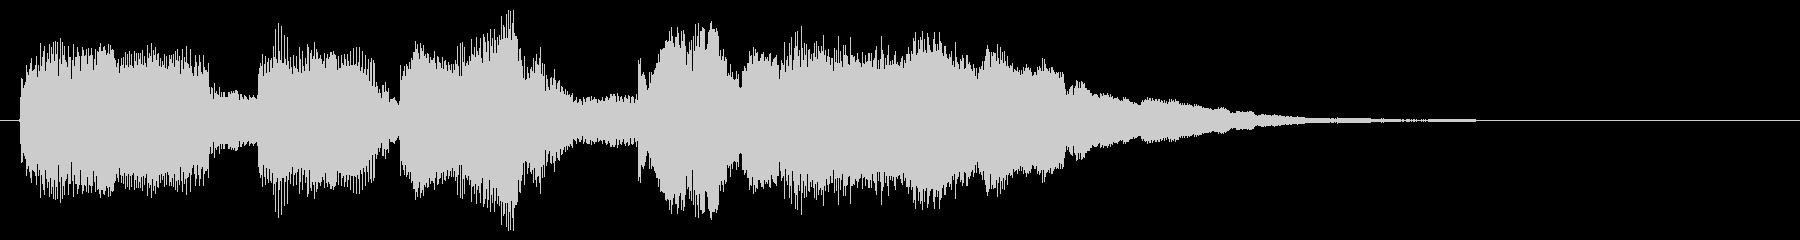 面白い音 楽しい音 変な音 バラエティの未再生の波形